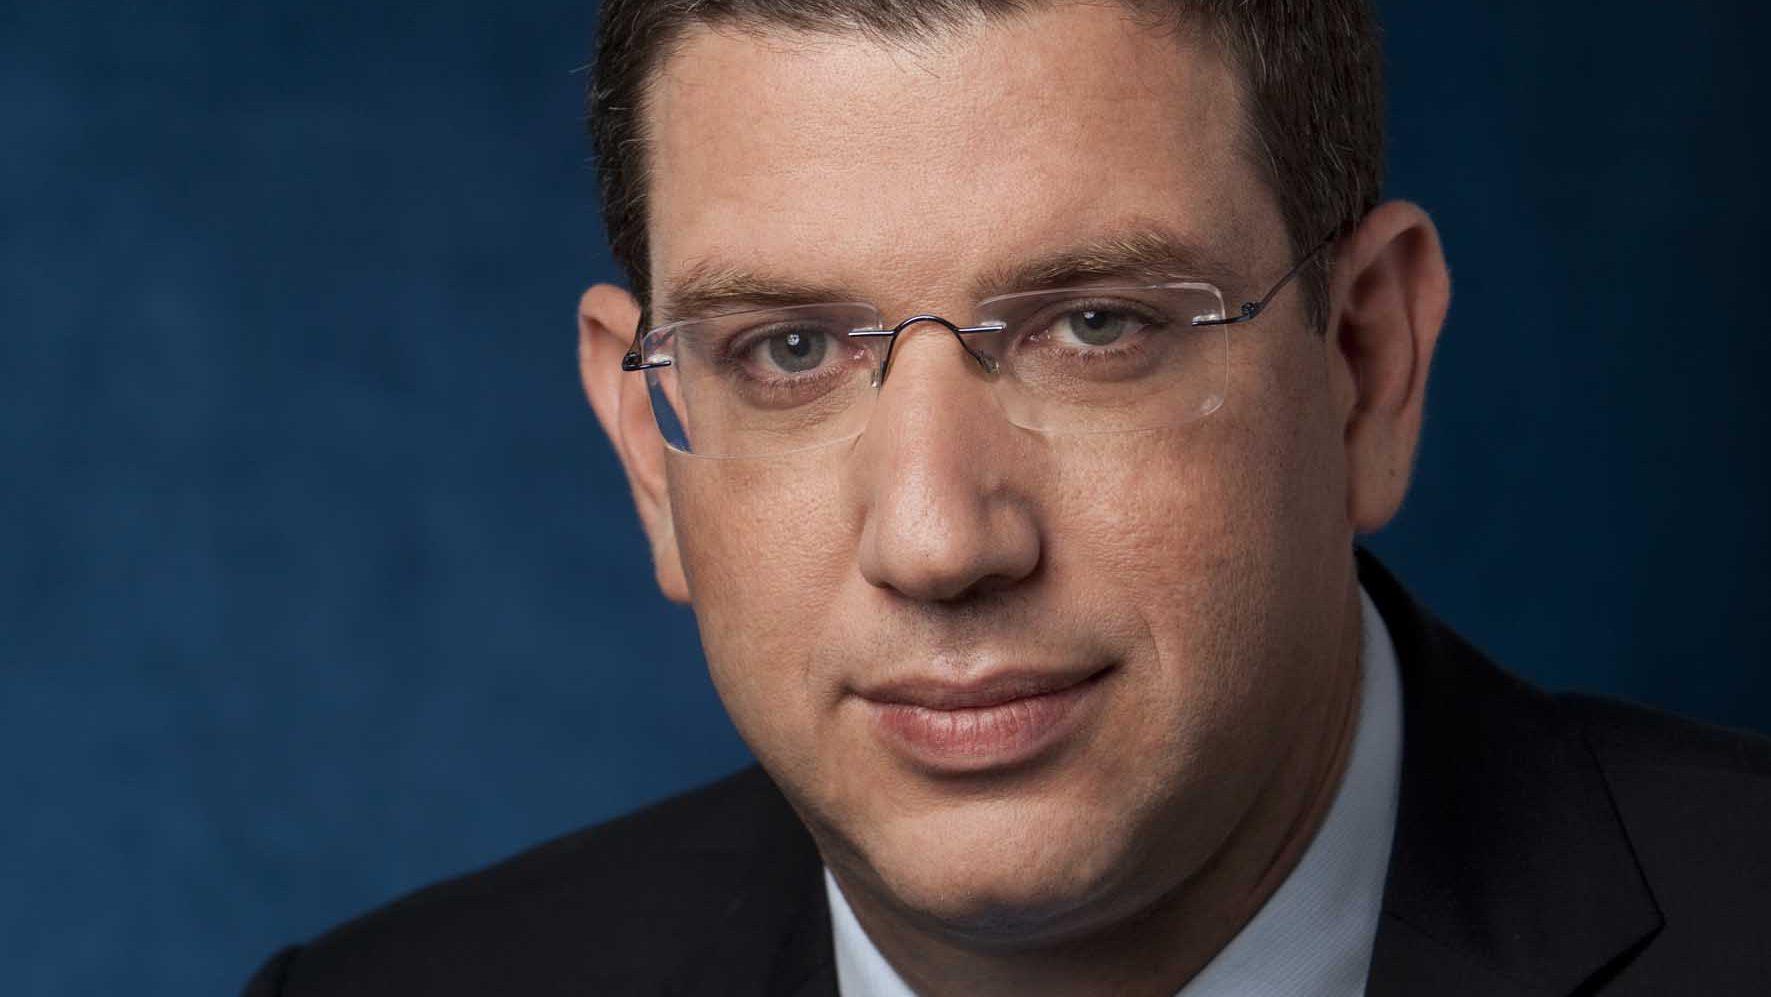 אורי רבינוביץ מונה לסגן מנהל חטיבת ההשקעות של הראל